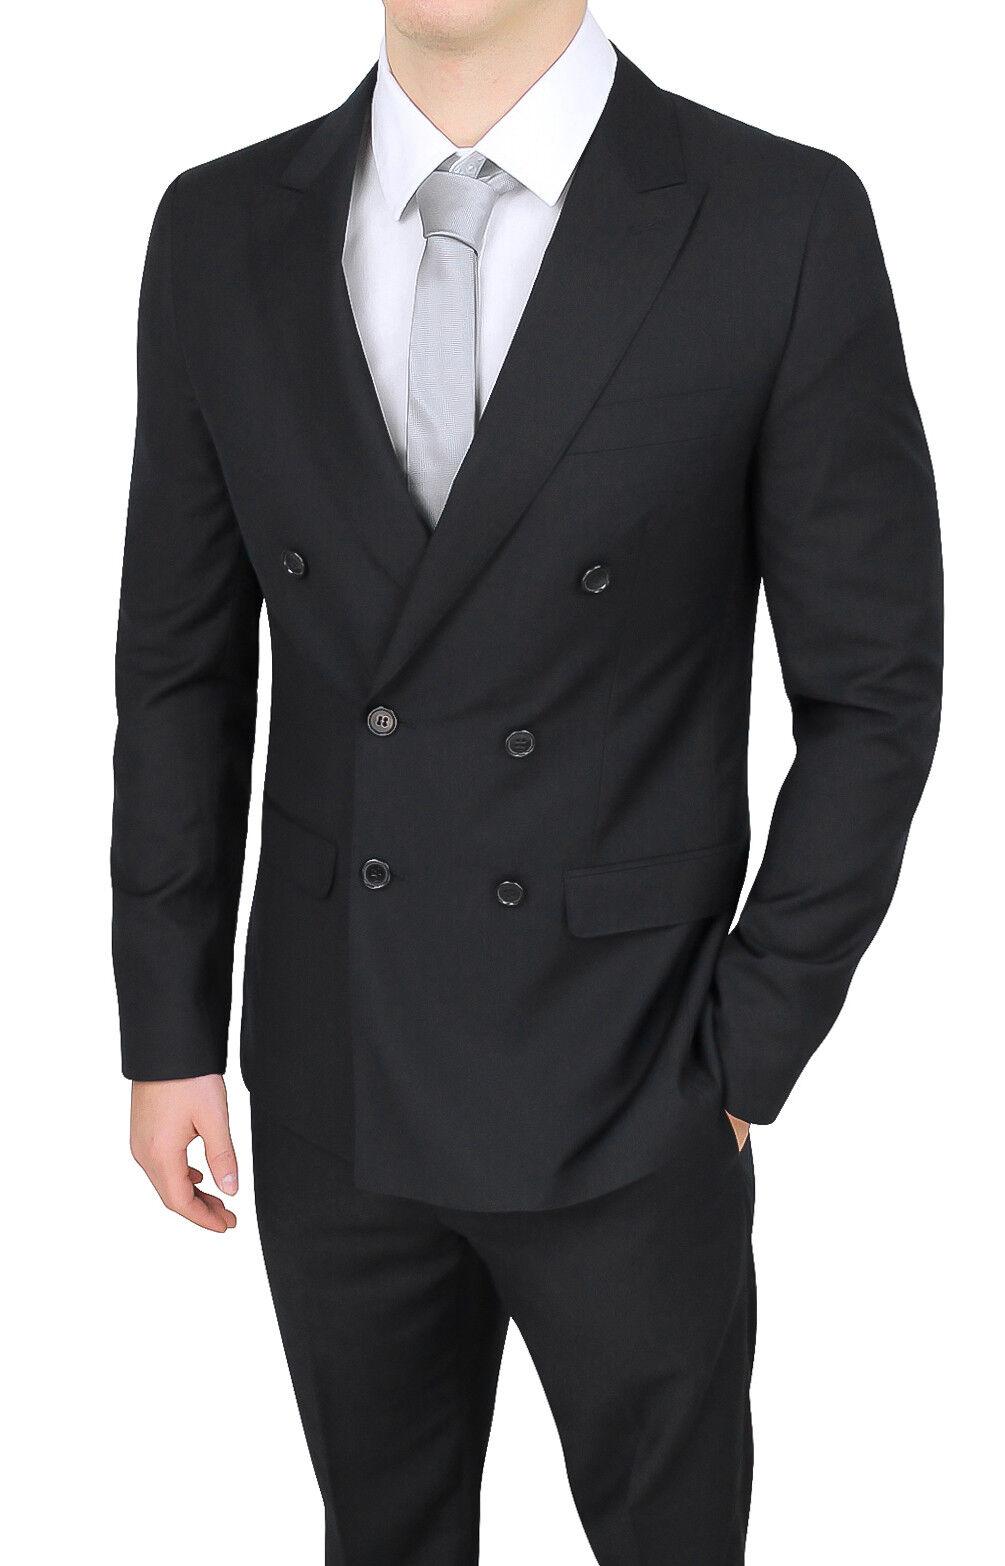 Kleidung mann sartoriale zweireihig schwarz élégant formal smoking zeremonie  | Outlet Online Store  | Up-to-date-styling  | Sehr gute Qualität